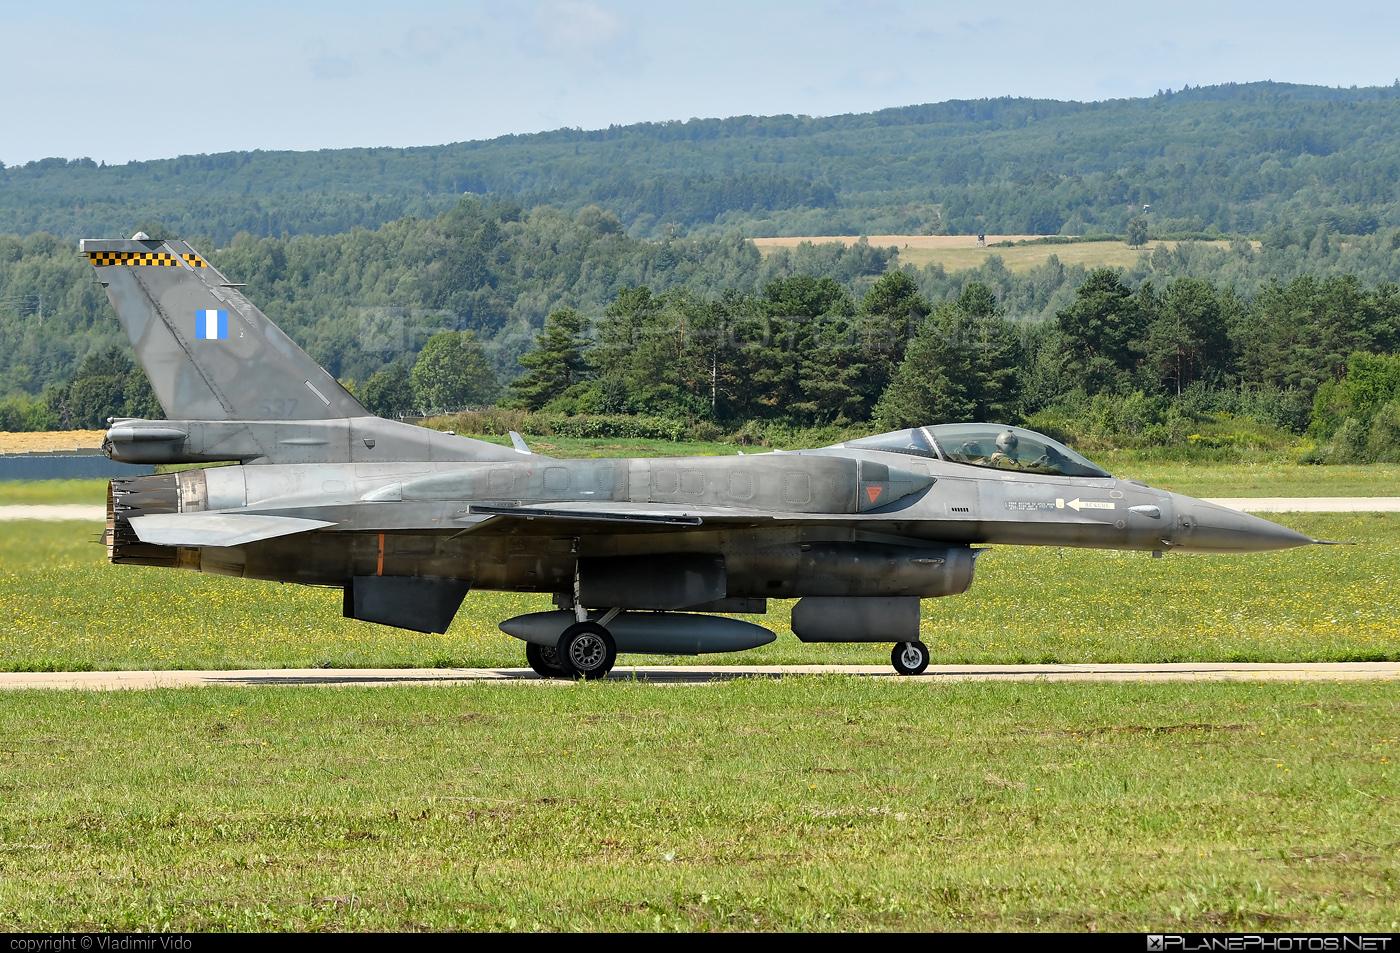 Lockheed Martin F-16CJ Fighting Falcon - 537 operated by Polemikí Aeroporía (Hellenic Air Force) #f16 #f16cj #fightingfalcon #hellenicairforce #lockheedmartin #polemikiaeroporia